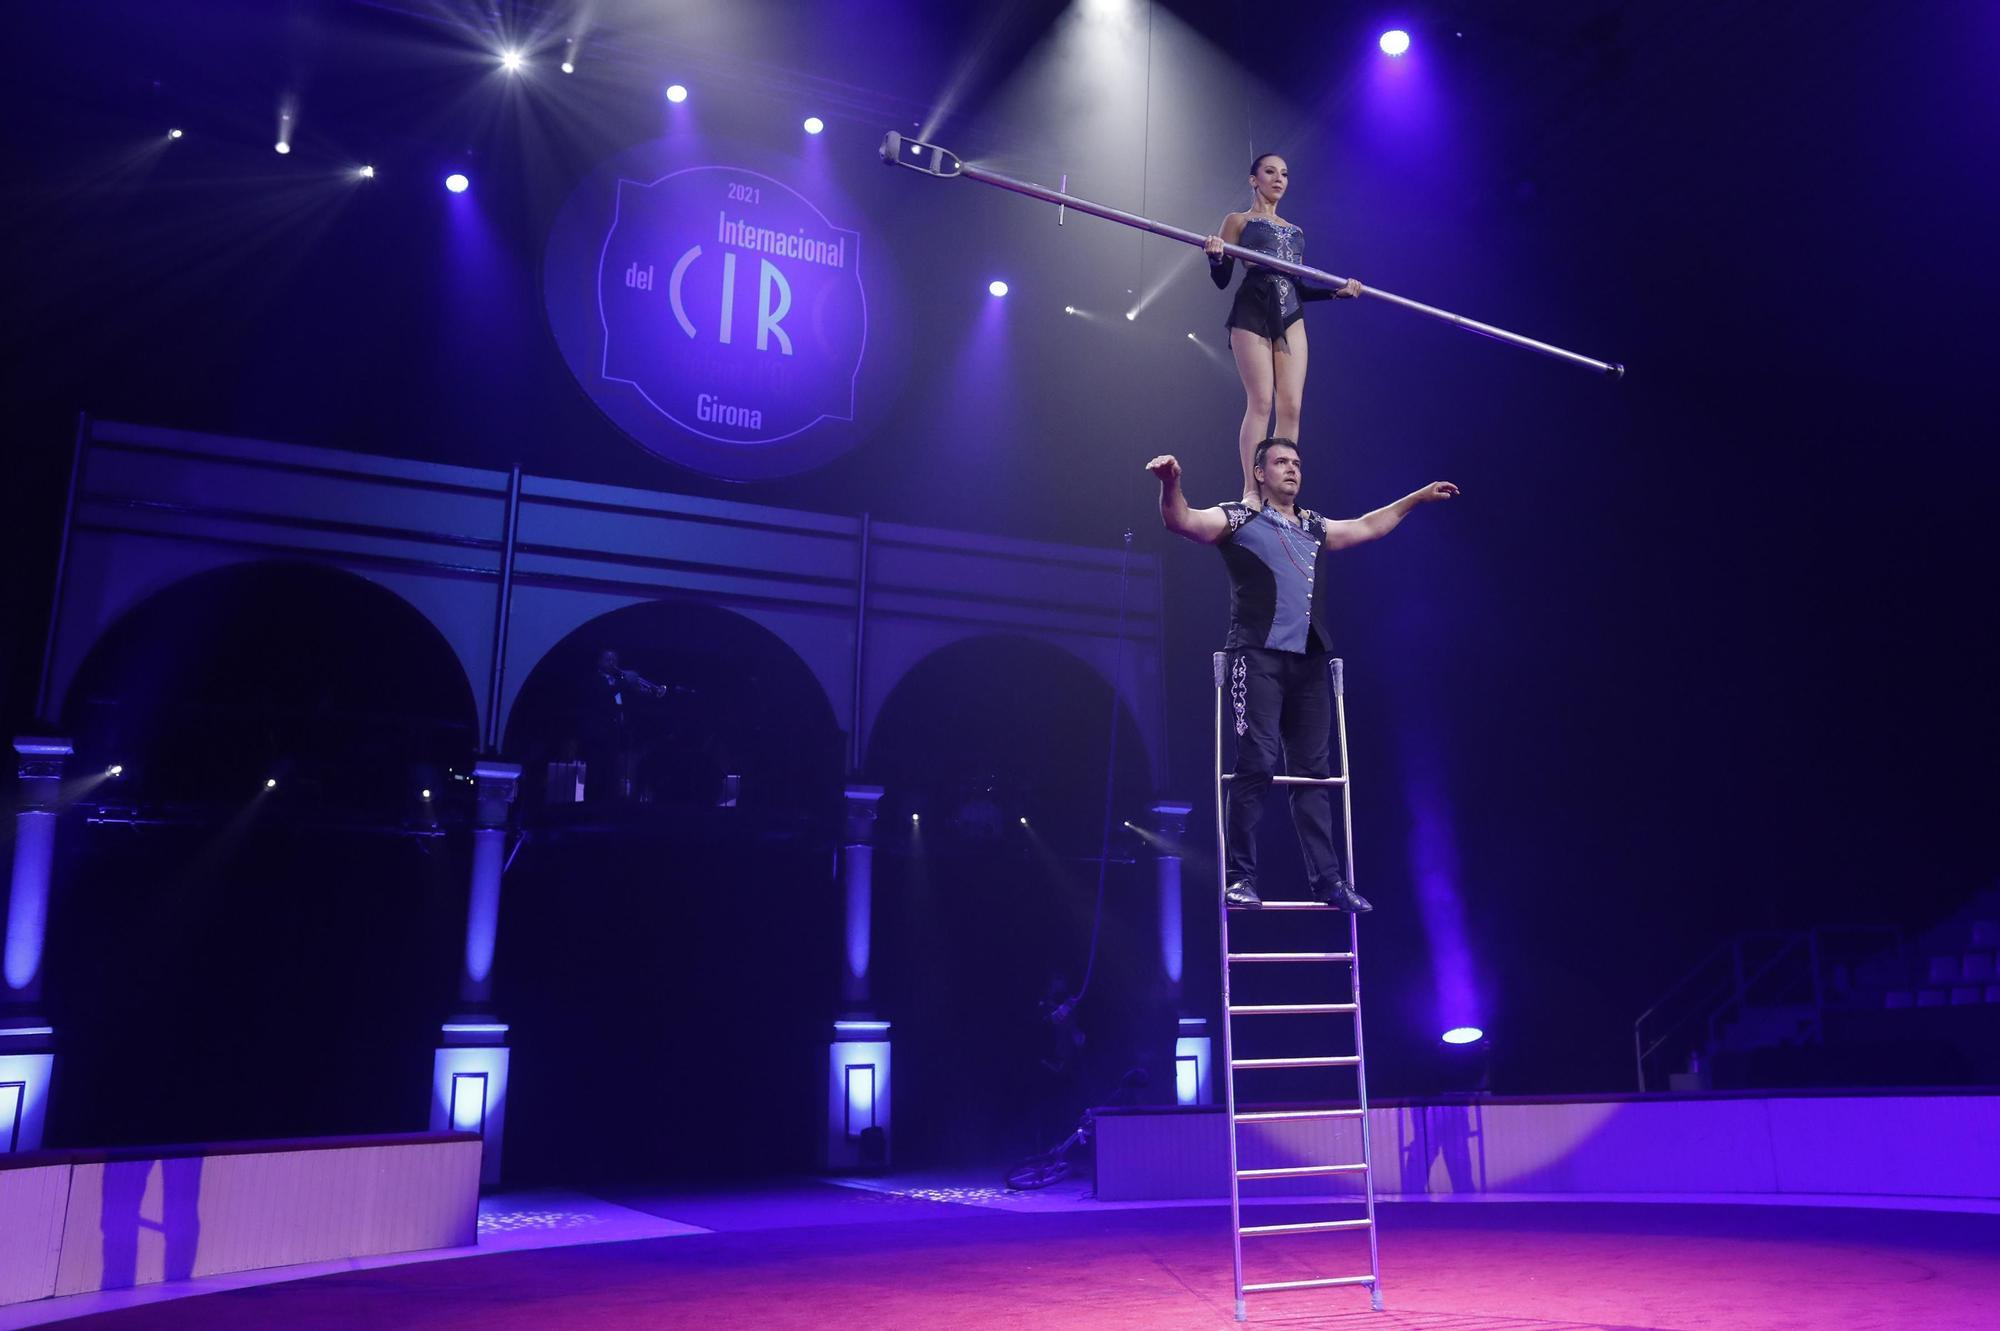 Presentació del Festival Internacional del Circ de Girona